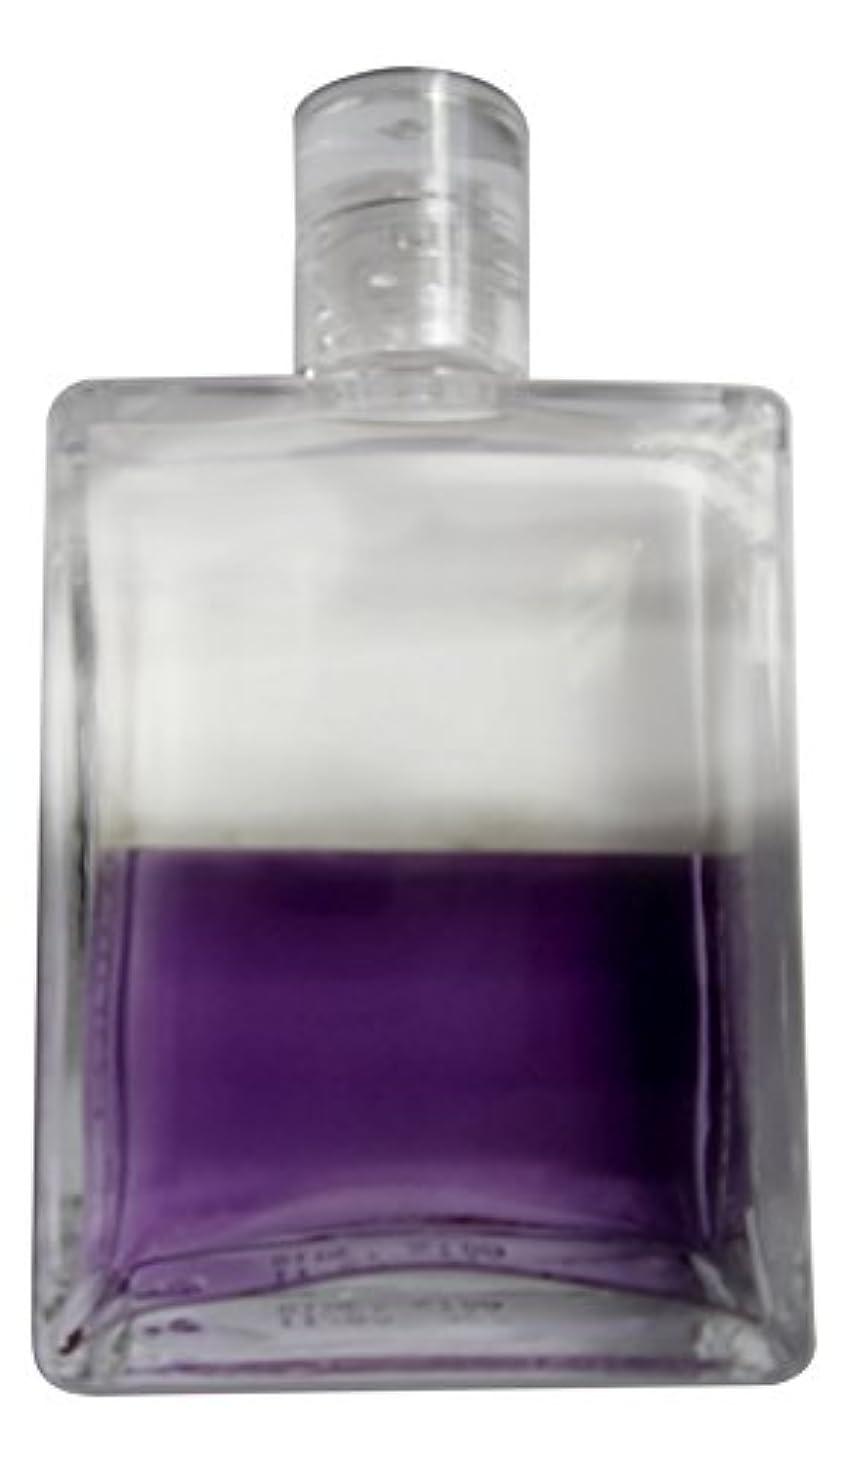 いつもコーデリアリボンB15新しい時代の癒し オーラーソーマ イクイリブリアムボトル